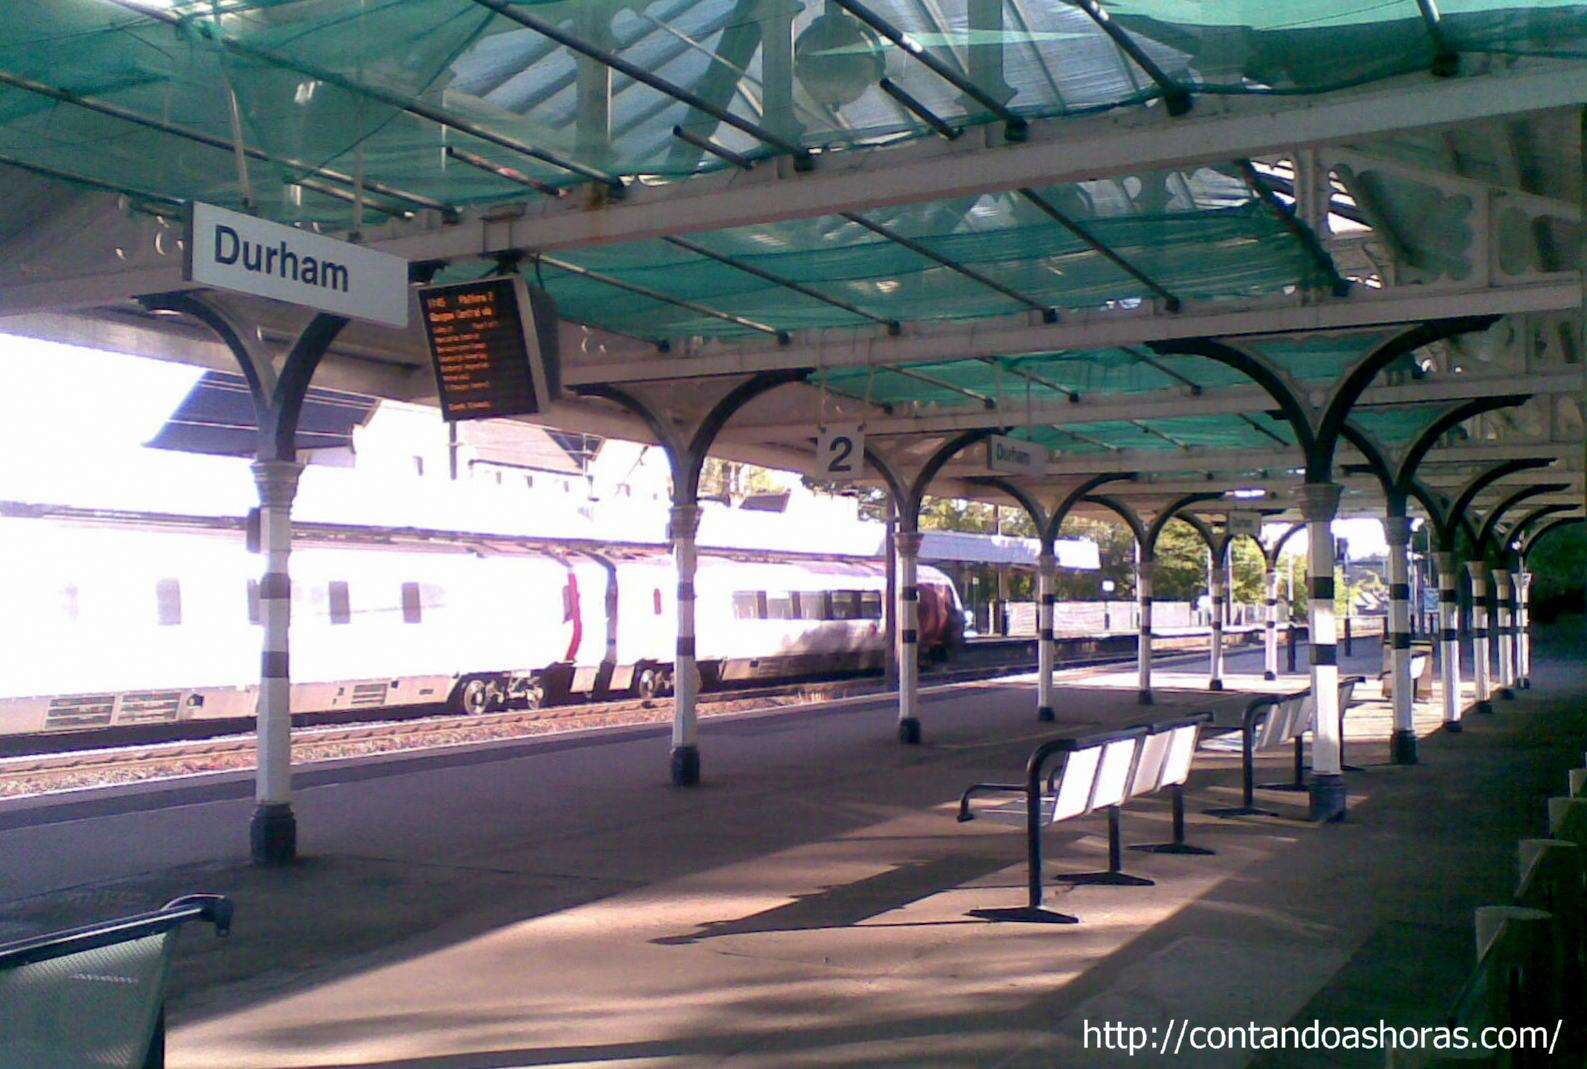 Estação de trem de Durham, na Inglaterra